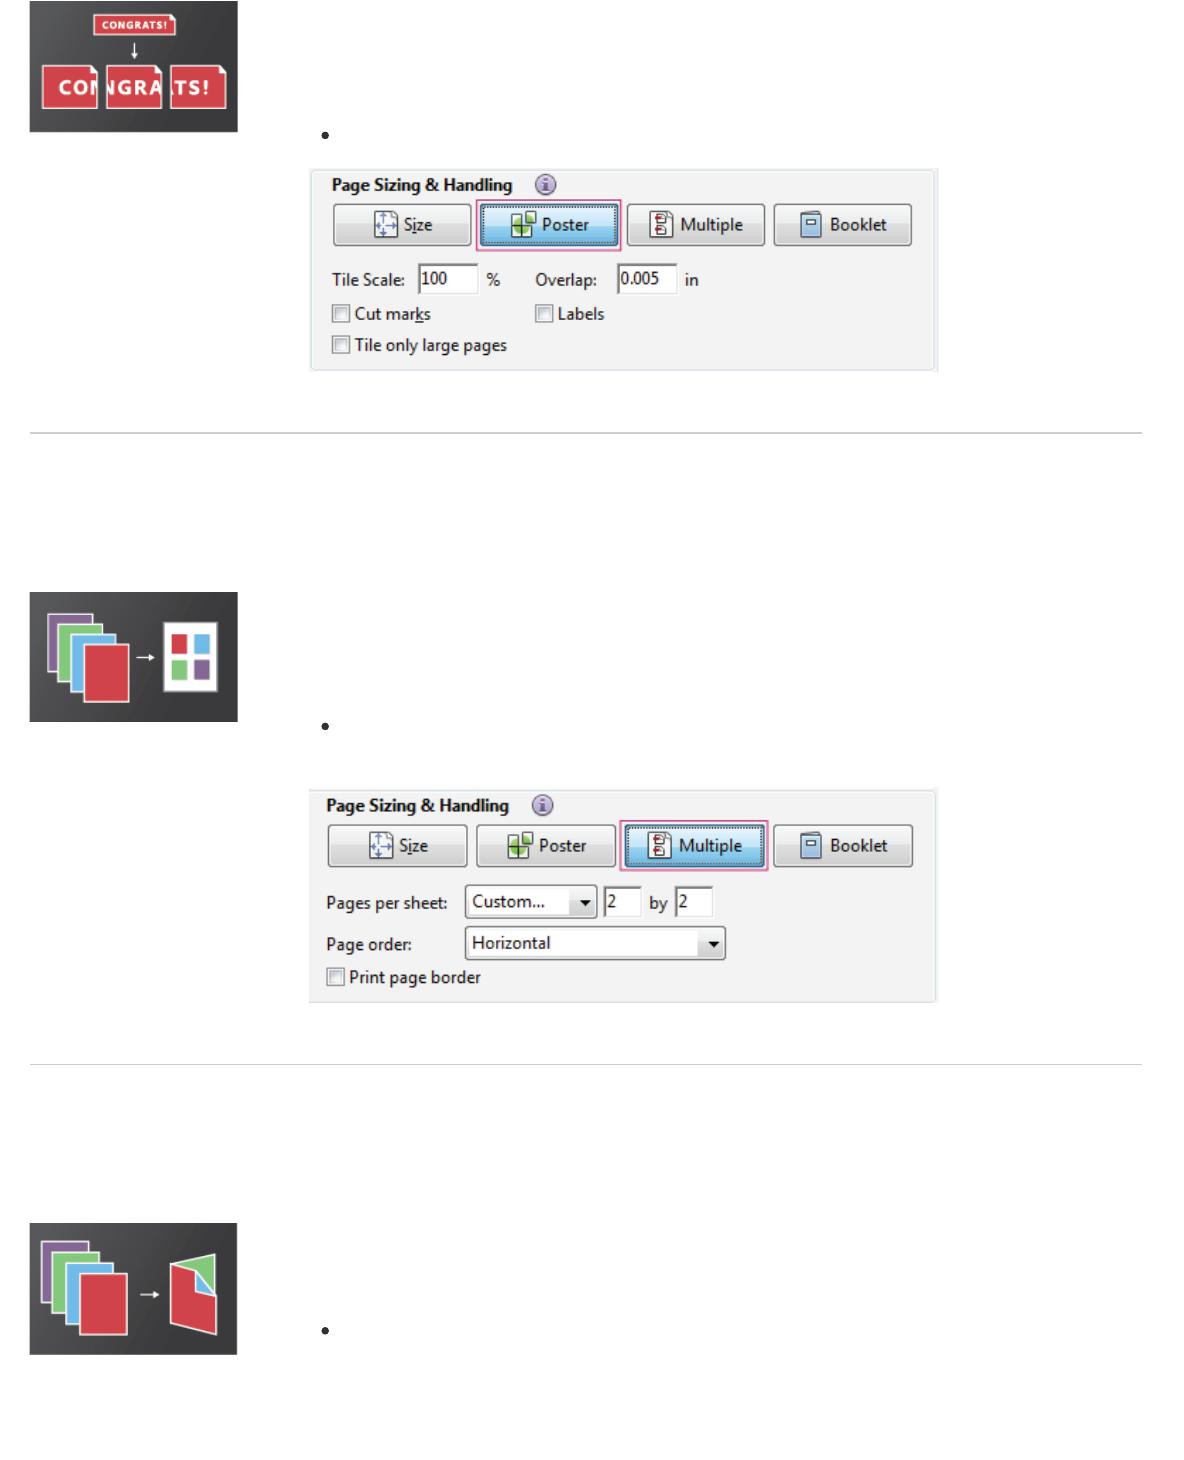 Handleiding Adobe ACROBAT READER DC - 2015 (pagina 24 van 35) (English)